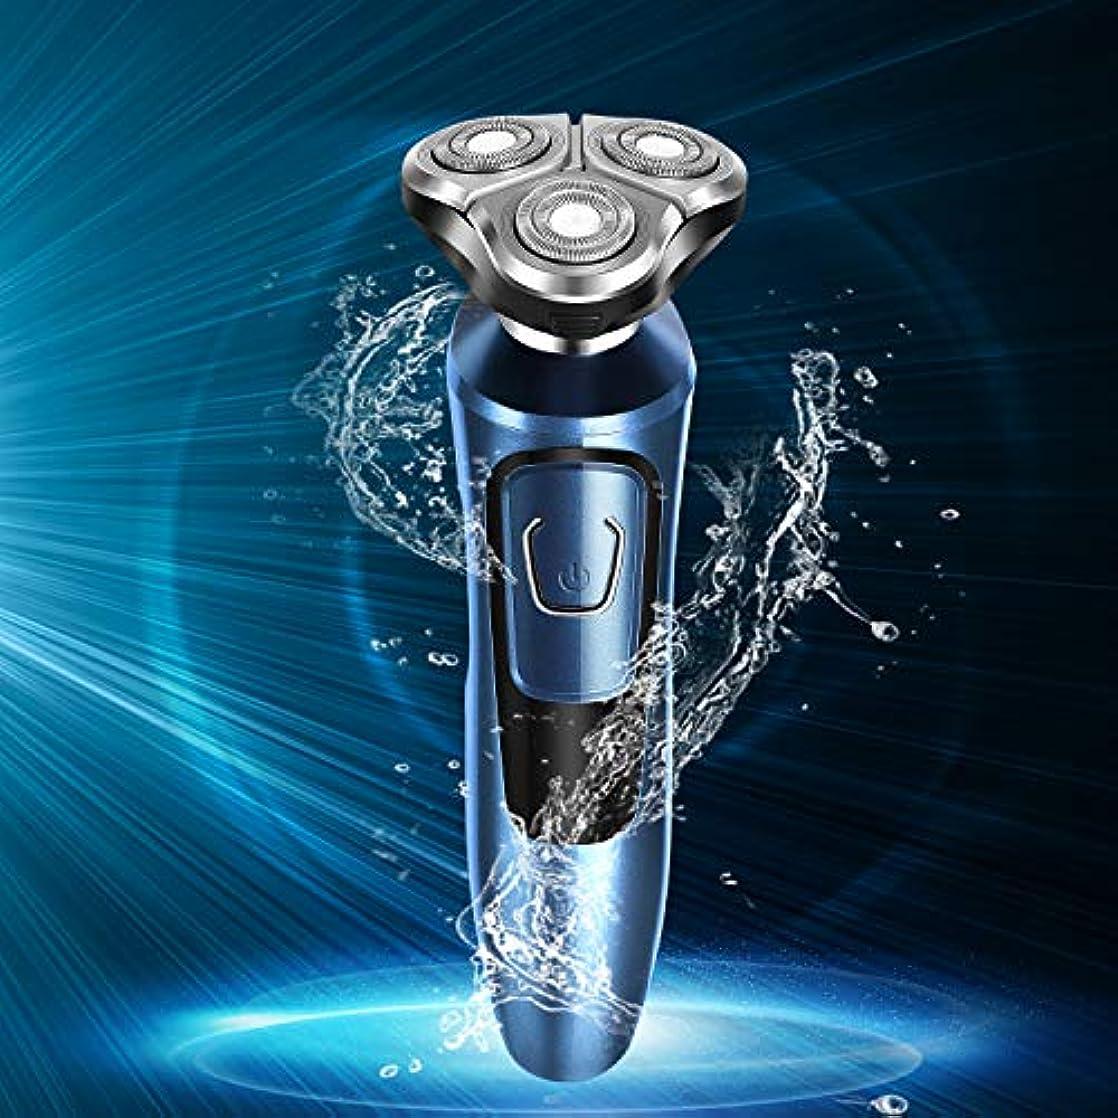 考えるおばさん雄弁家シェーバー 電動シェーバー メンズ 電気シェーバー 髭剃り USB充電式 1台3役 3枚刃 回転式 LEDディスプレイ IPX7防水 水洗可能 3D鼻毛カッター トリマー 洗顔ブラシ付き 多機能 安全ロック機能付き